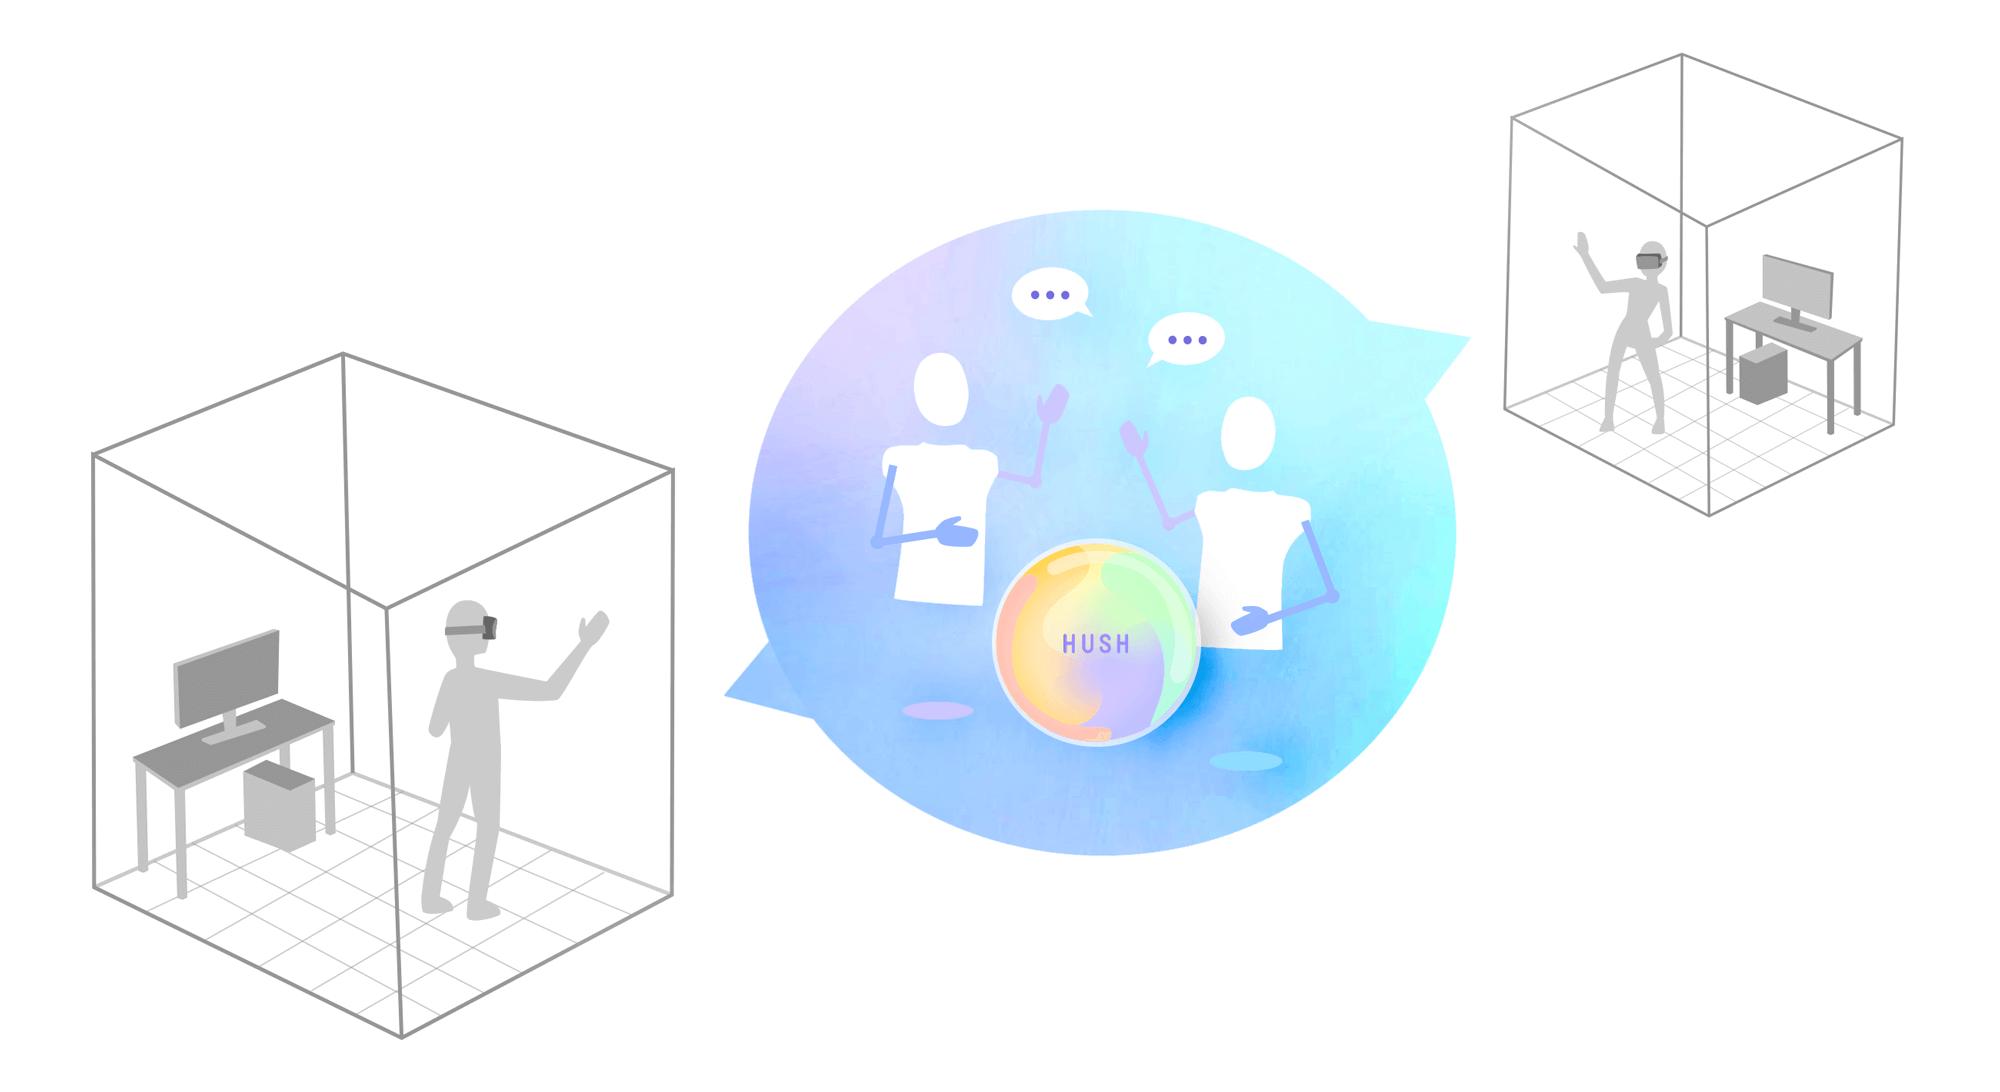 Talking in VR